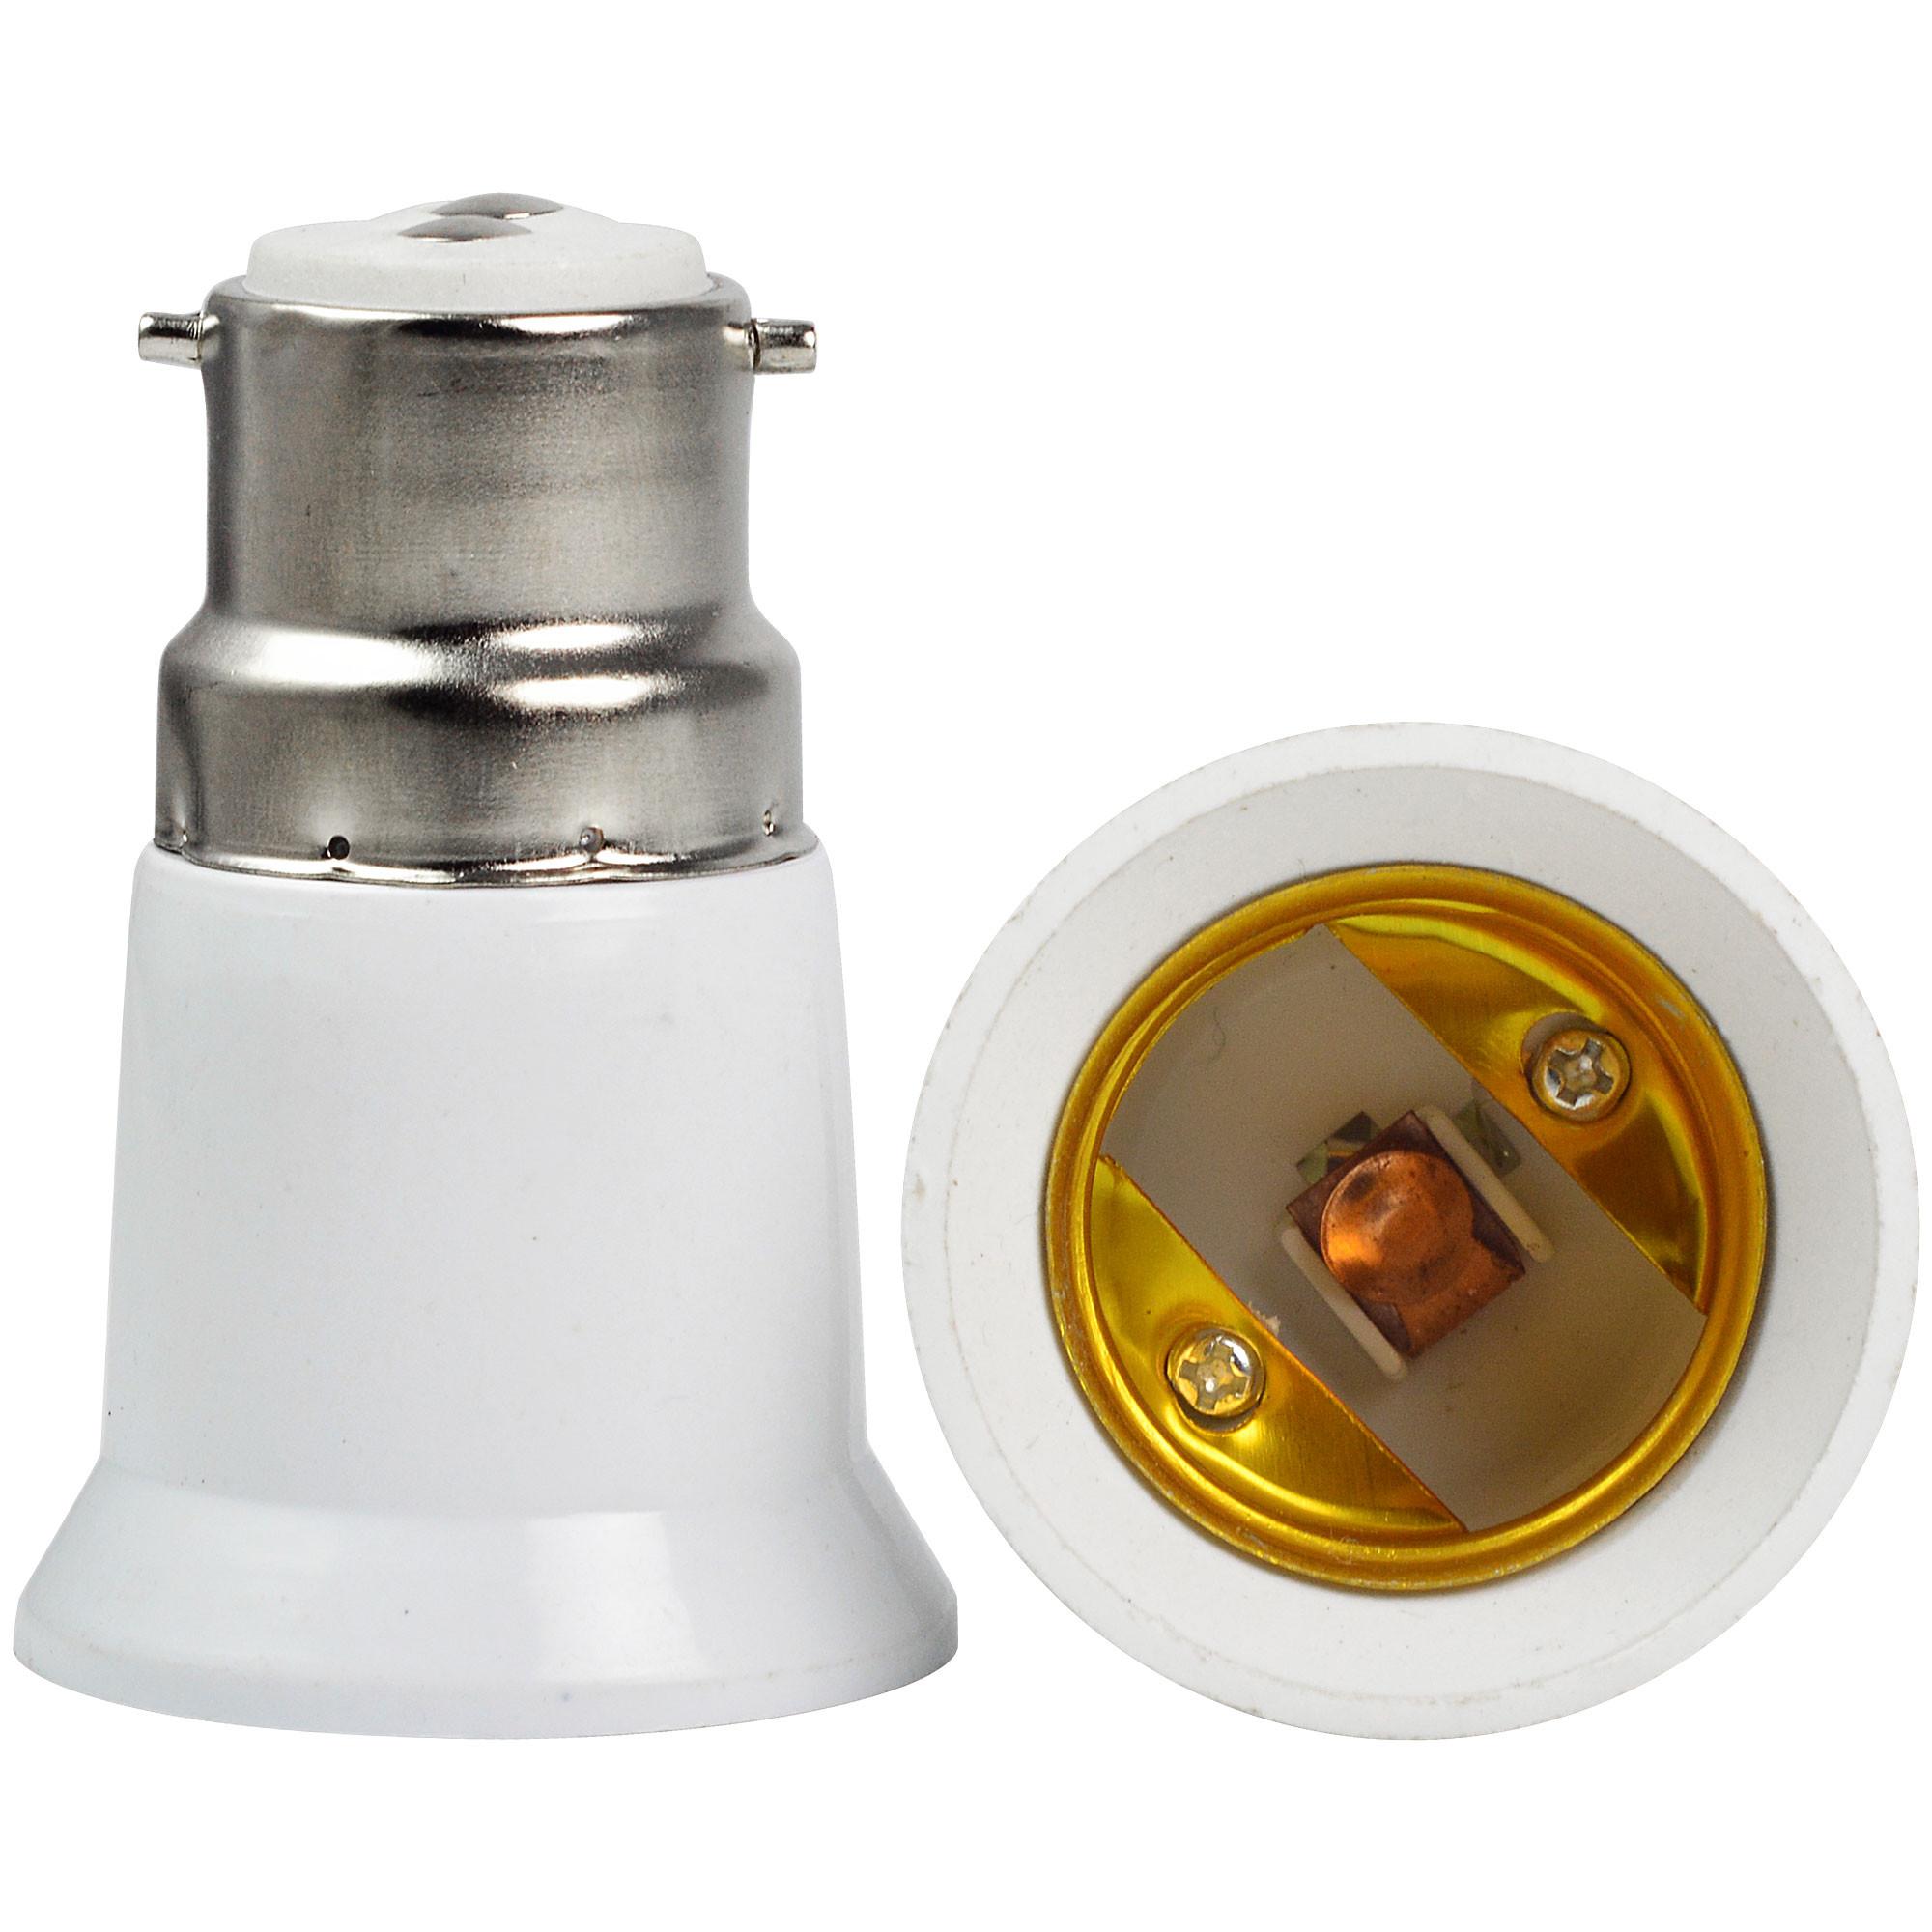 MENGS® Light Bulb Socket Converters Adaptors Holders Bayonet B22 to E27 Screw Lamps